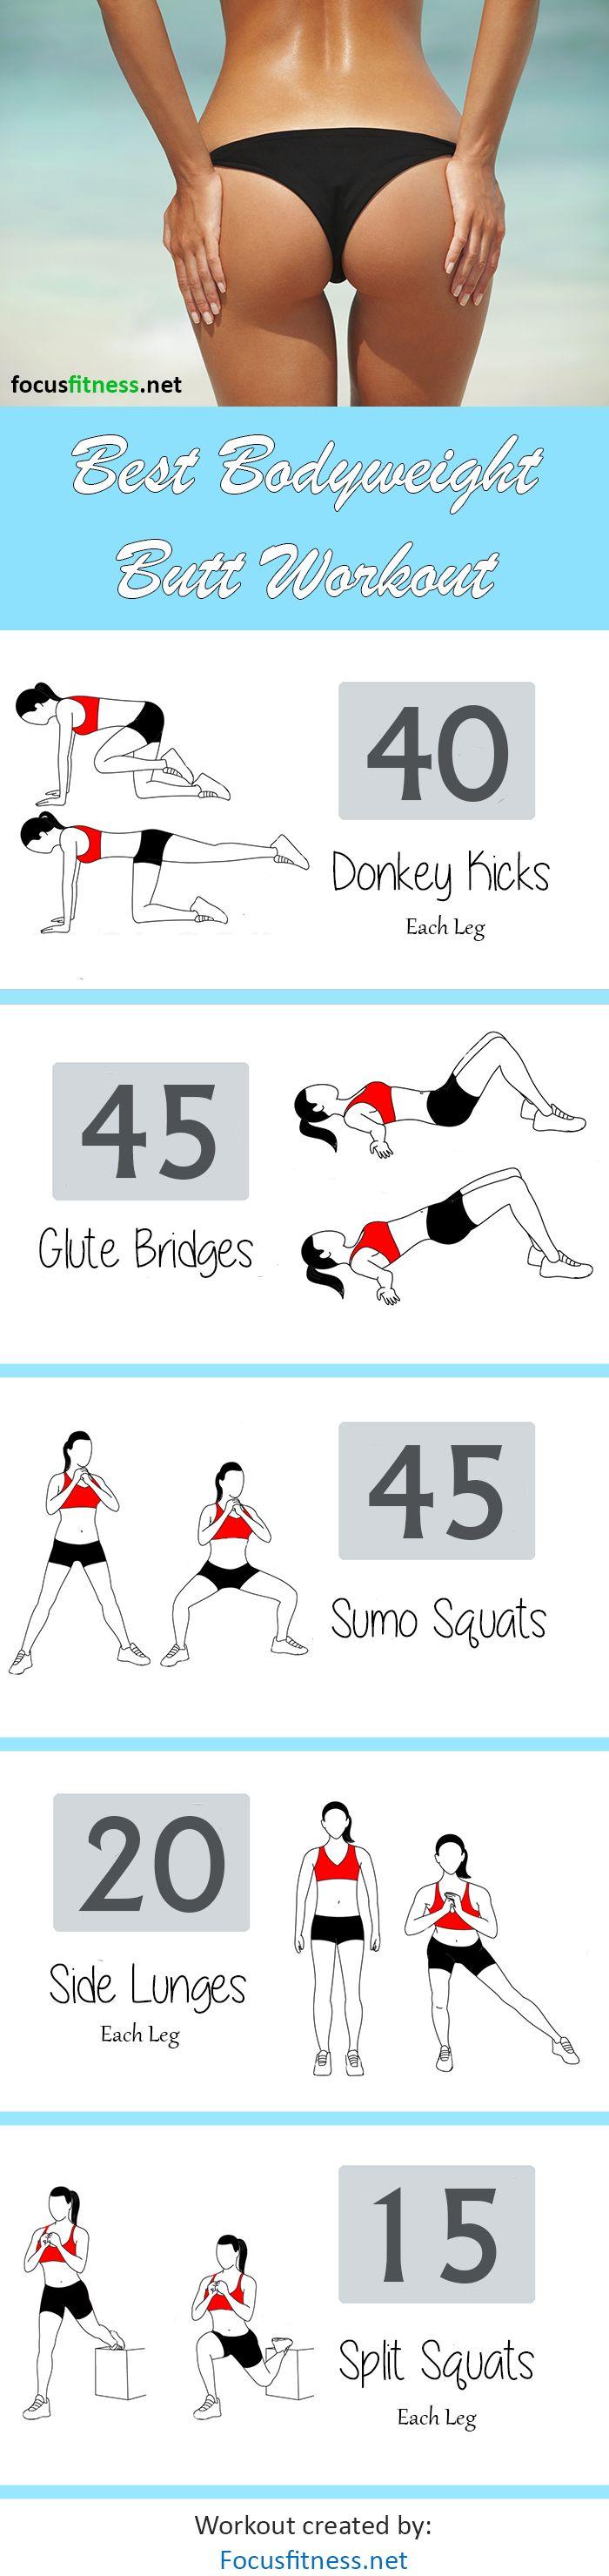 Best Bodyweight Butt Workout http://focusfitness.net/best-bodyweight-butt-workout-beginner-advanced/